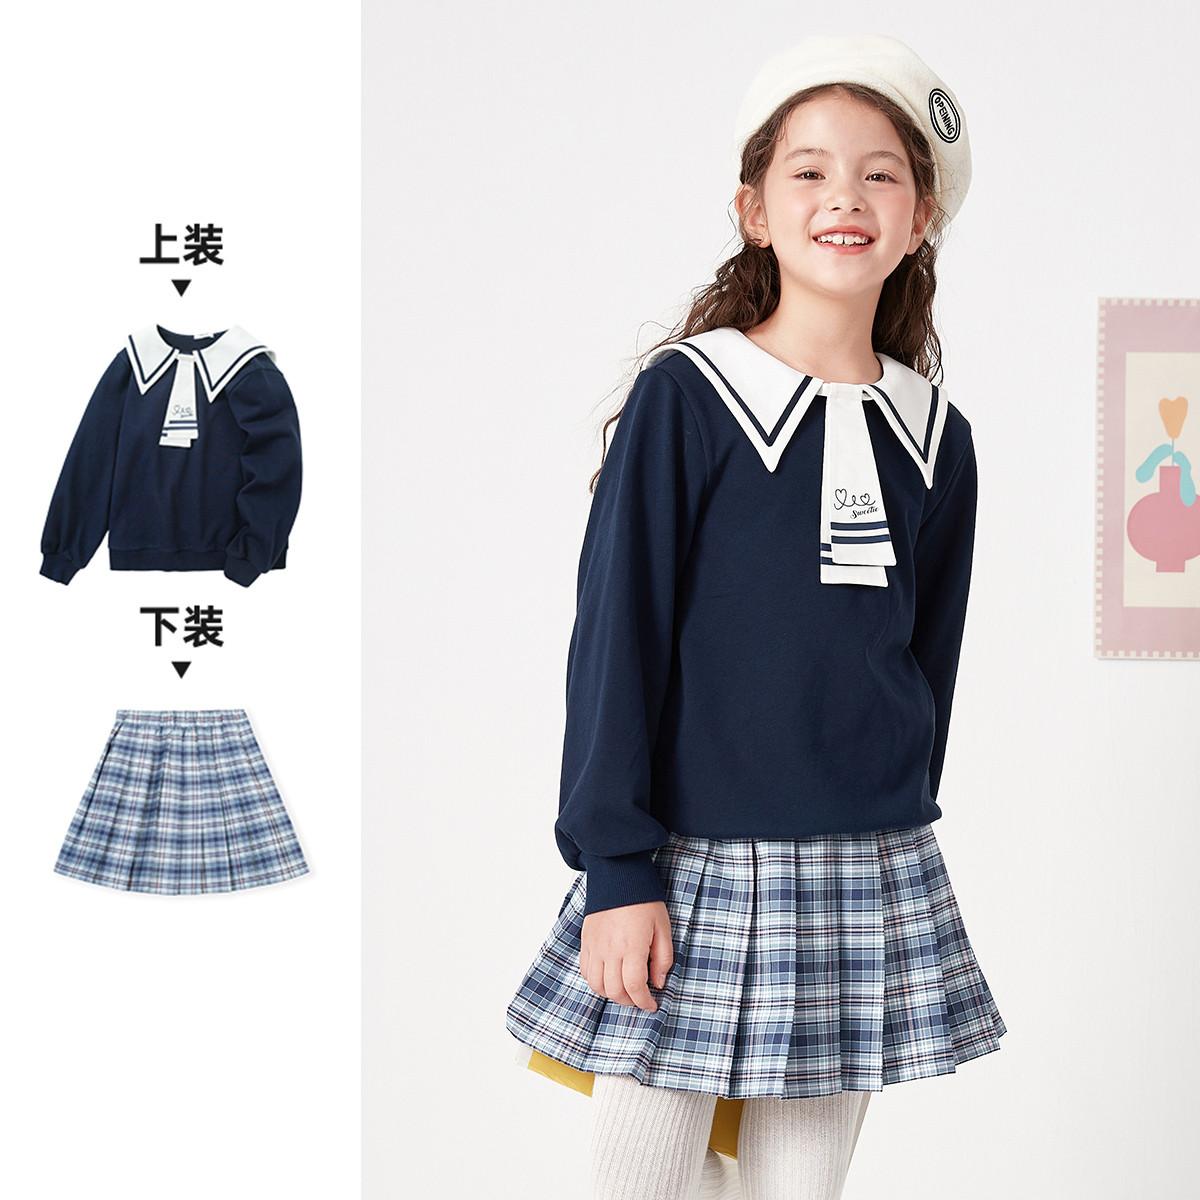 童装女童长袖套装秋季2021新款儿童洋气潮